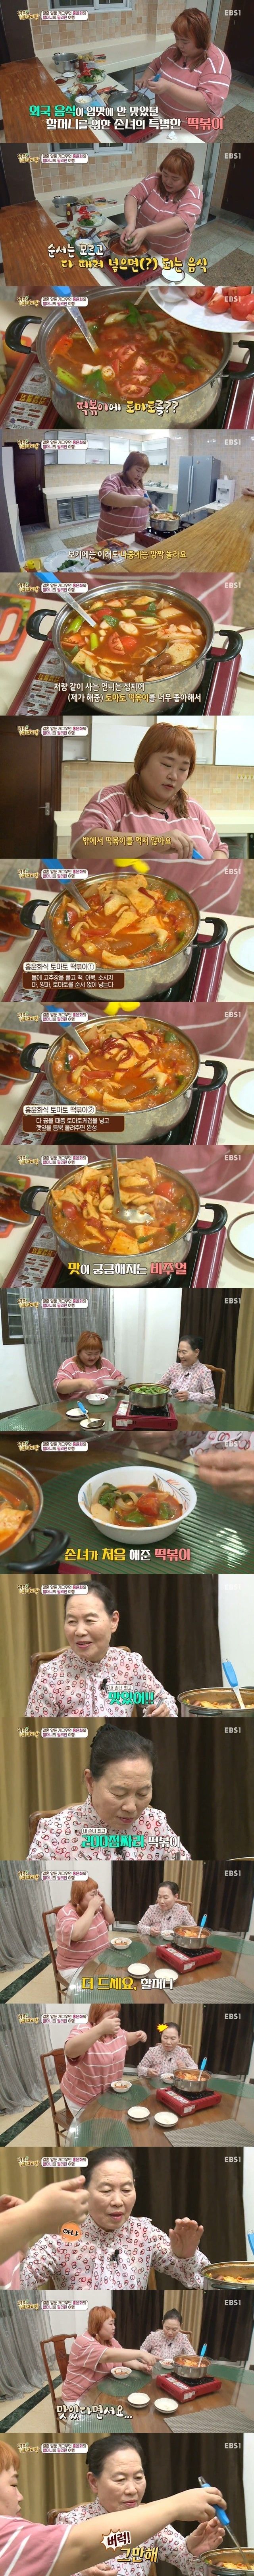 개그맨 홍윤화의 특급 떡볶이 레시피 :: 다나와 DPG